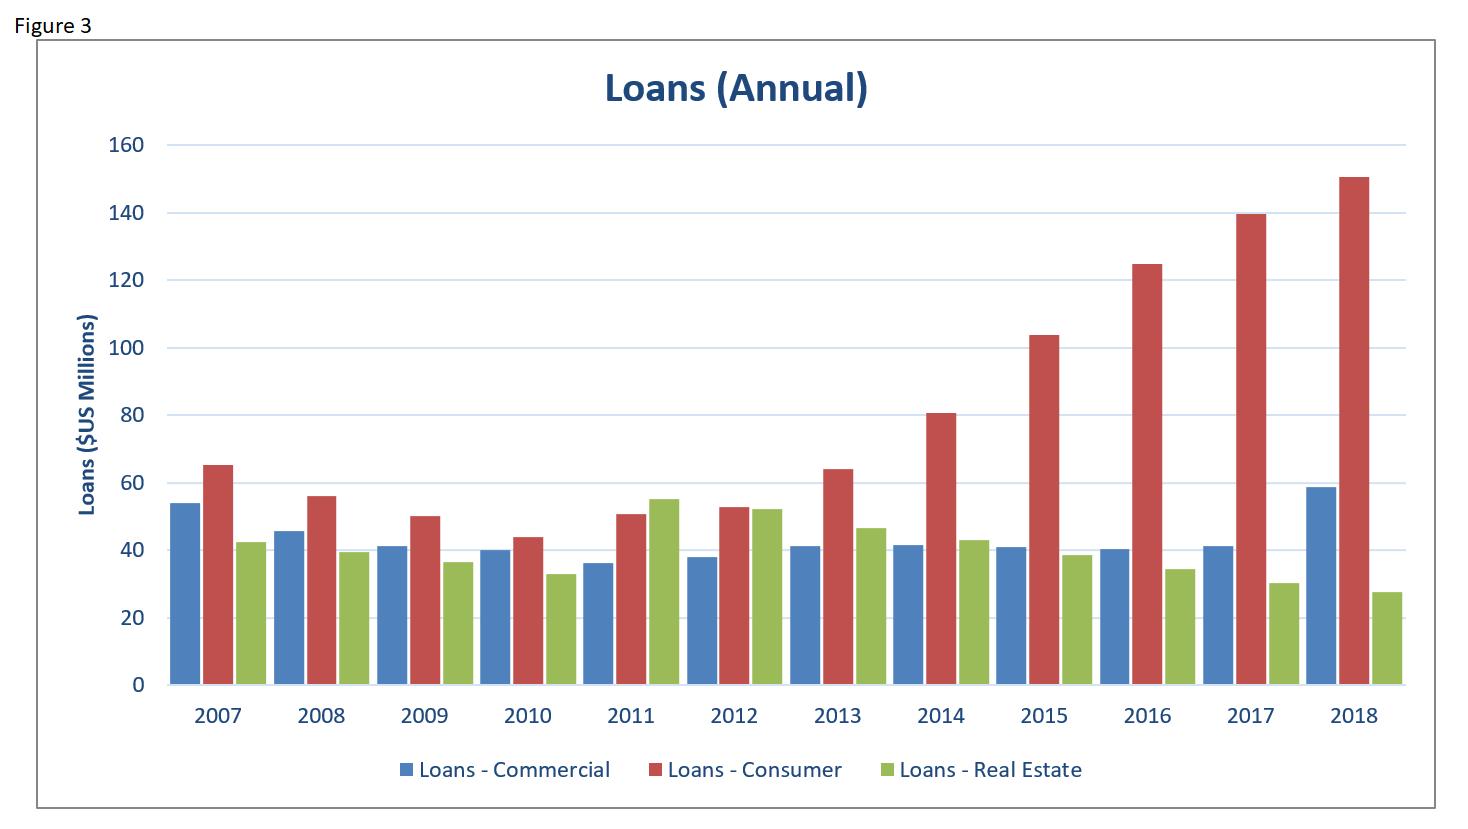 EI 2018 Banking Loans Annual